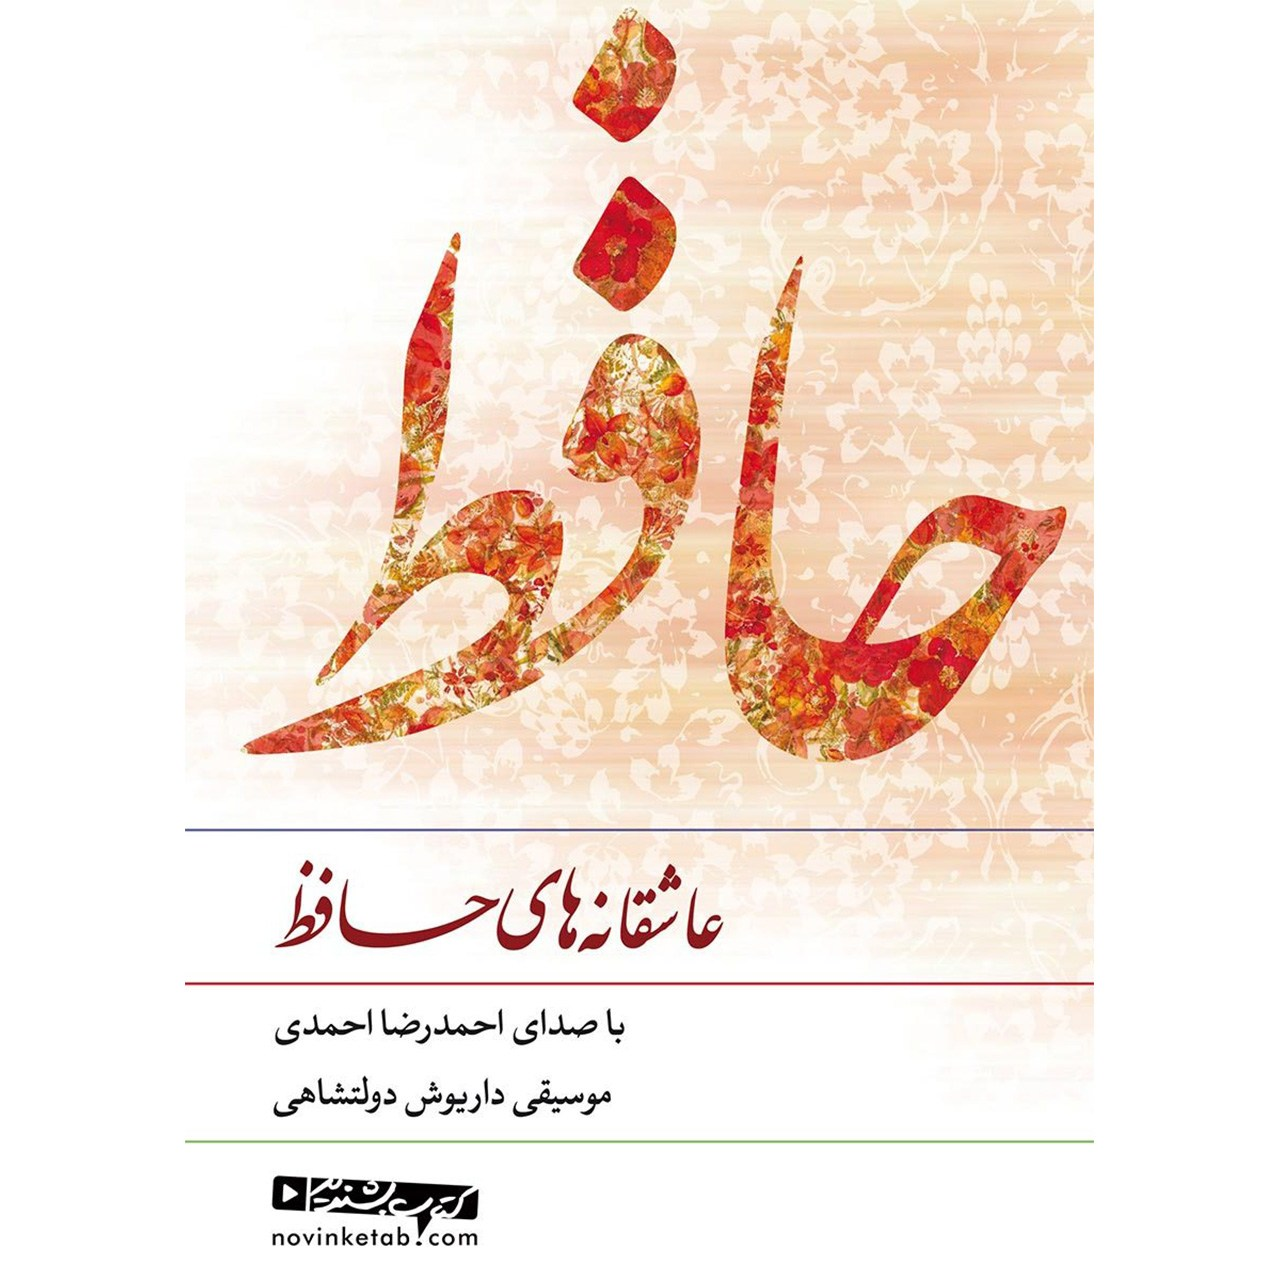 کتاب صوتی عاشقانه های حافظ اثر احمد رضا احمدی